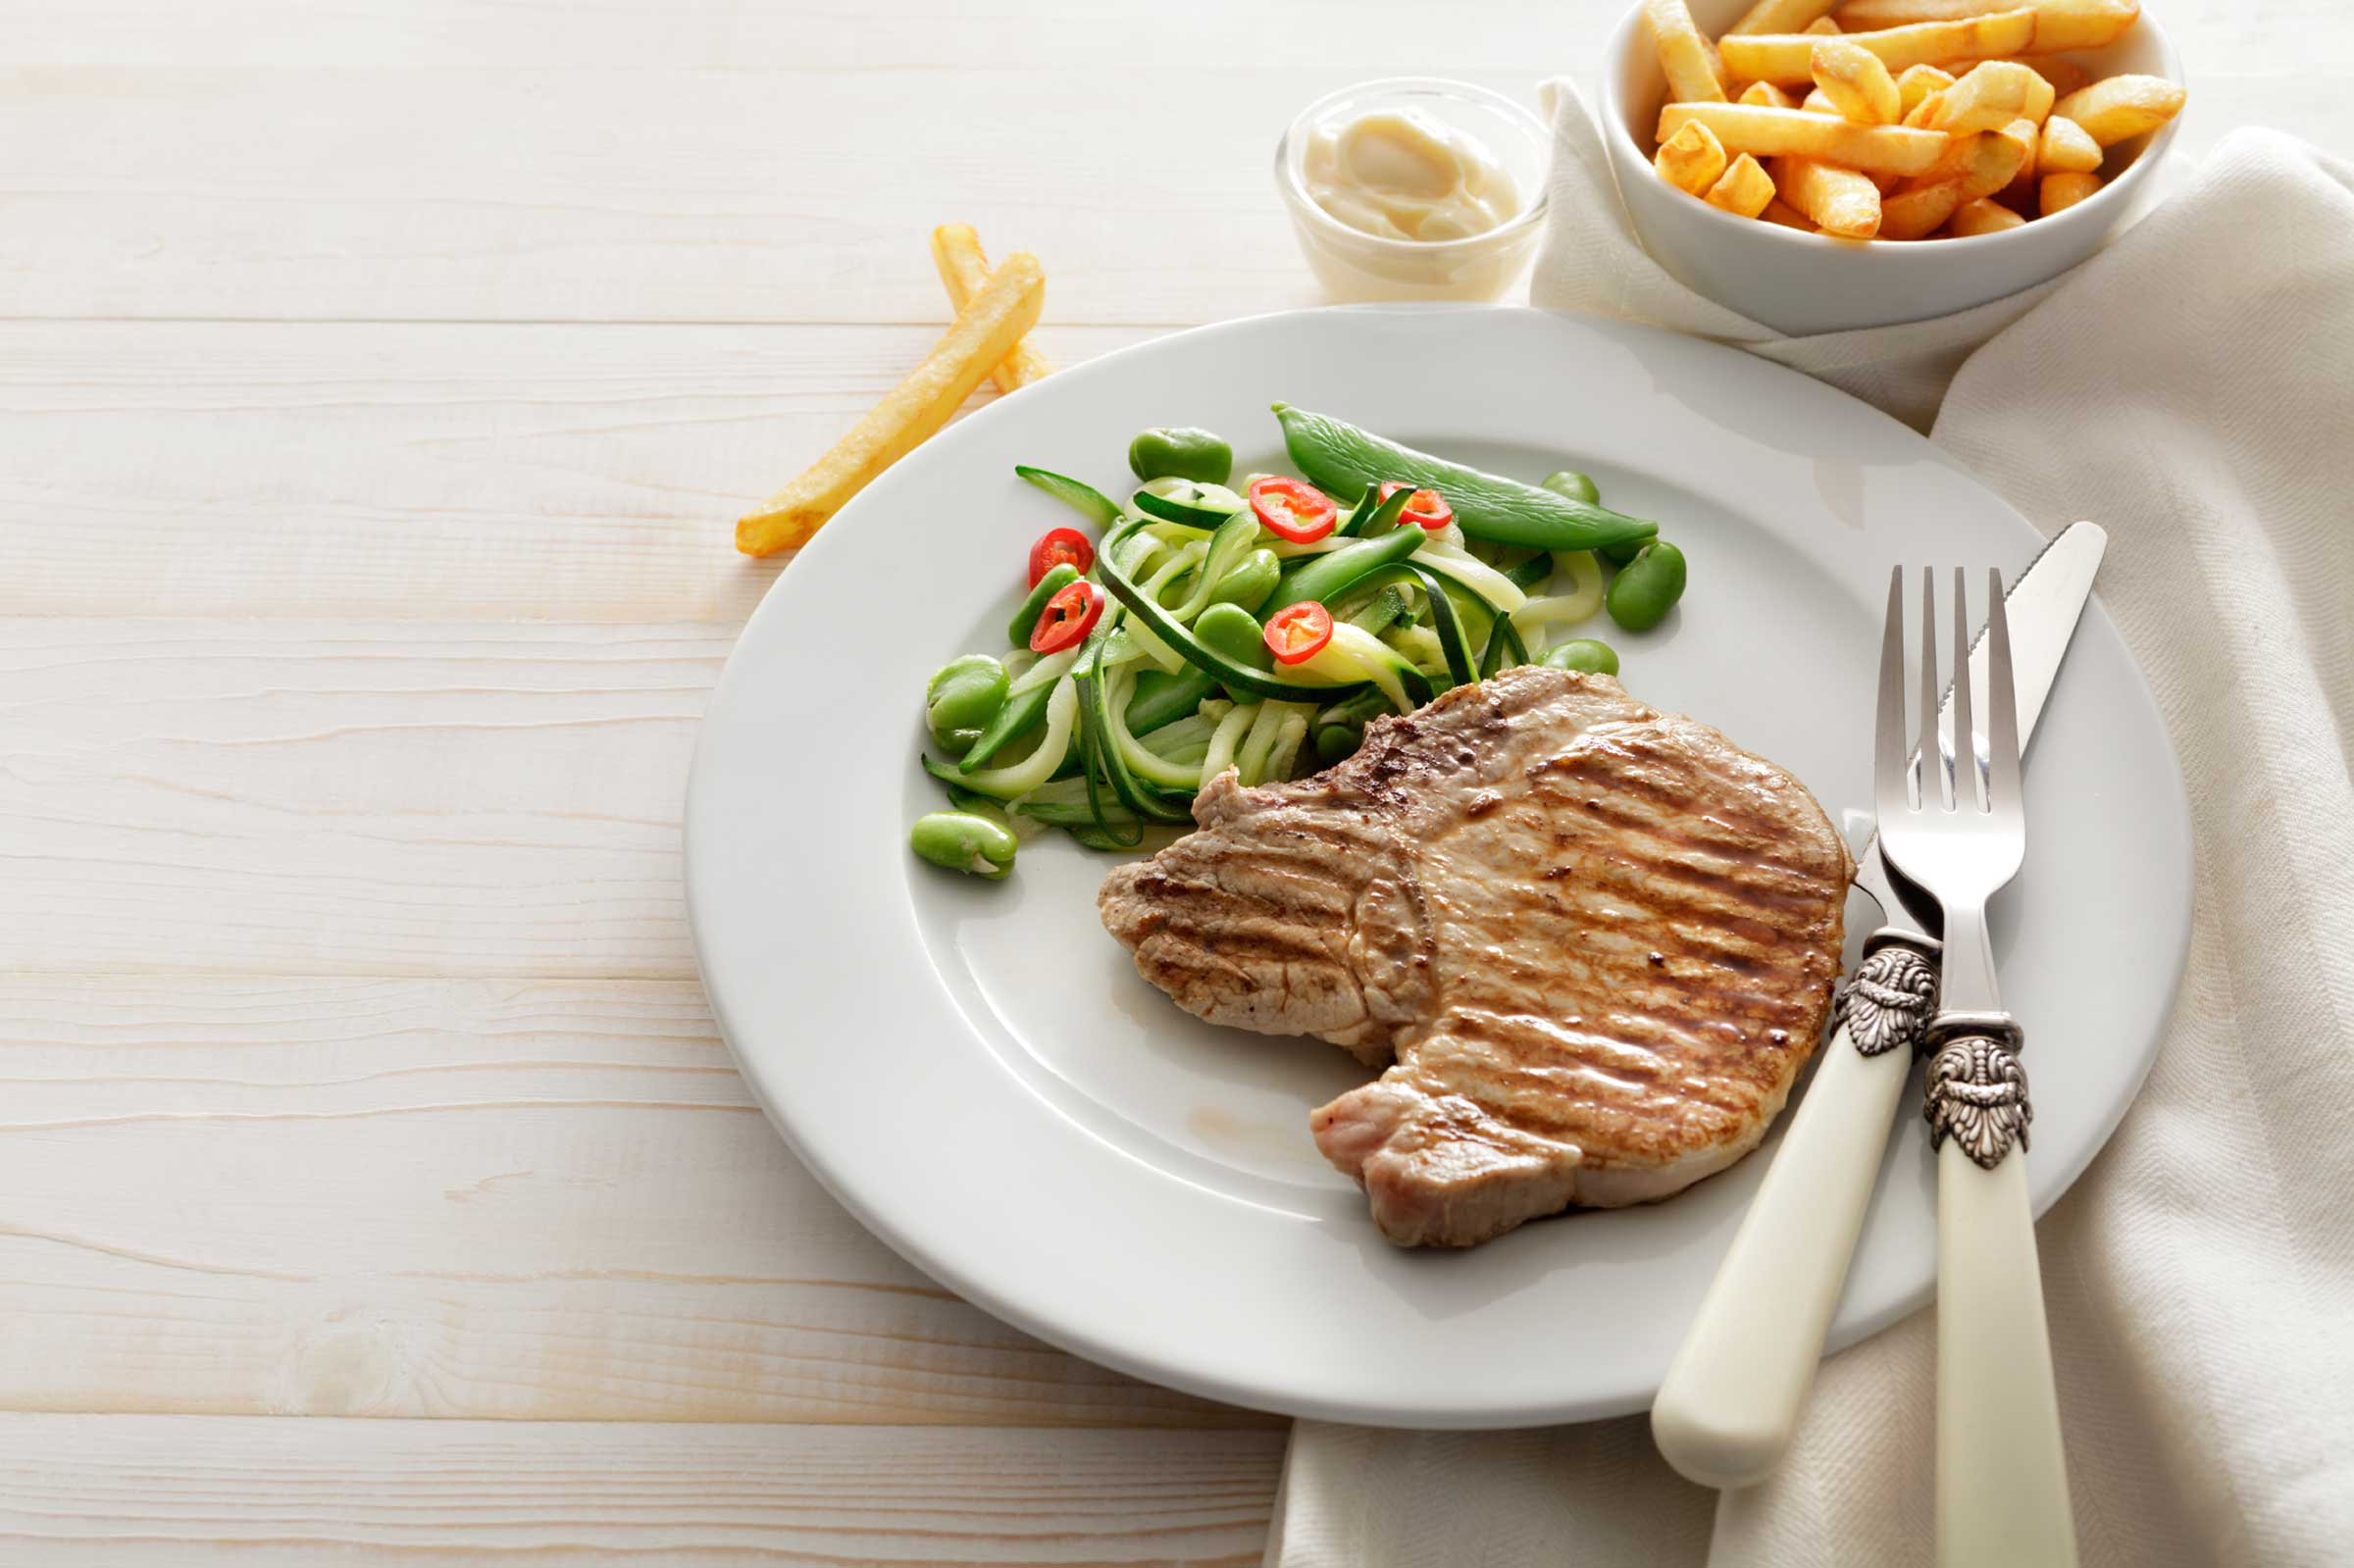 Maneiras fáceis de reduzir suas porções: reduza a ingestão de calorias e perca peso